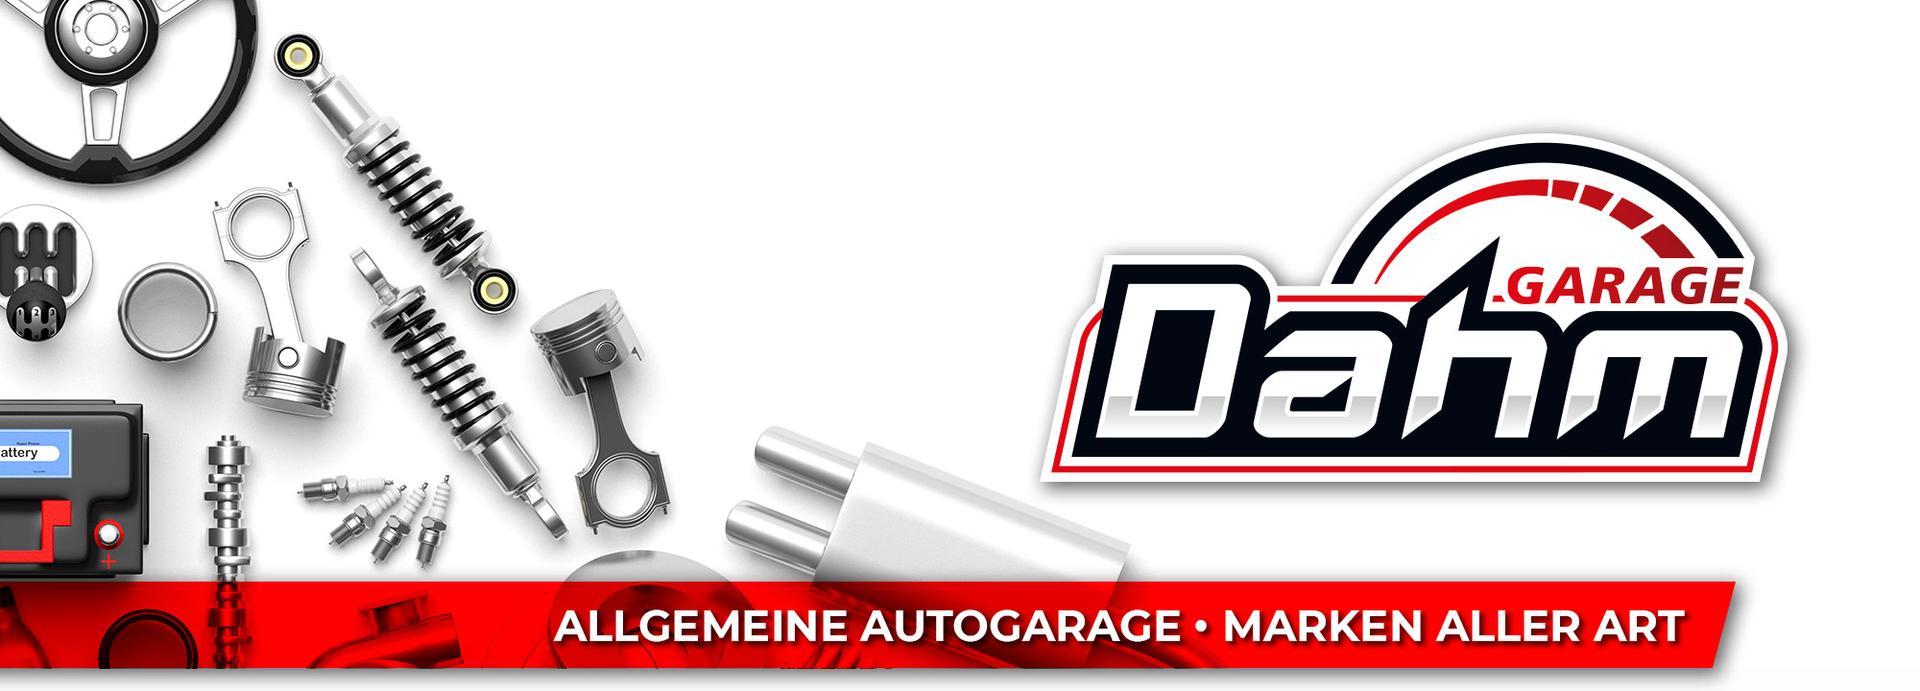 Garage Dahm - Allgemeine Autogarage – Marken aller Art